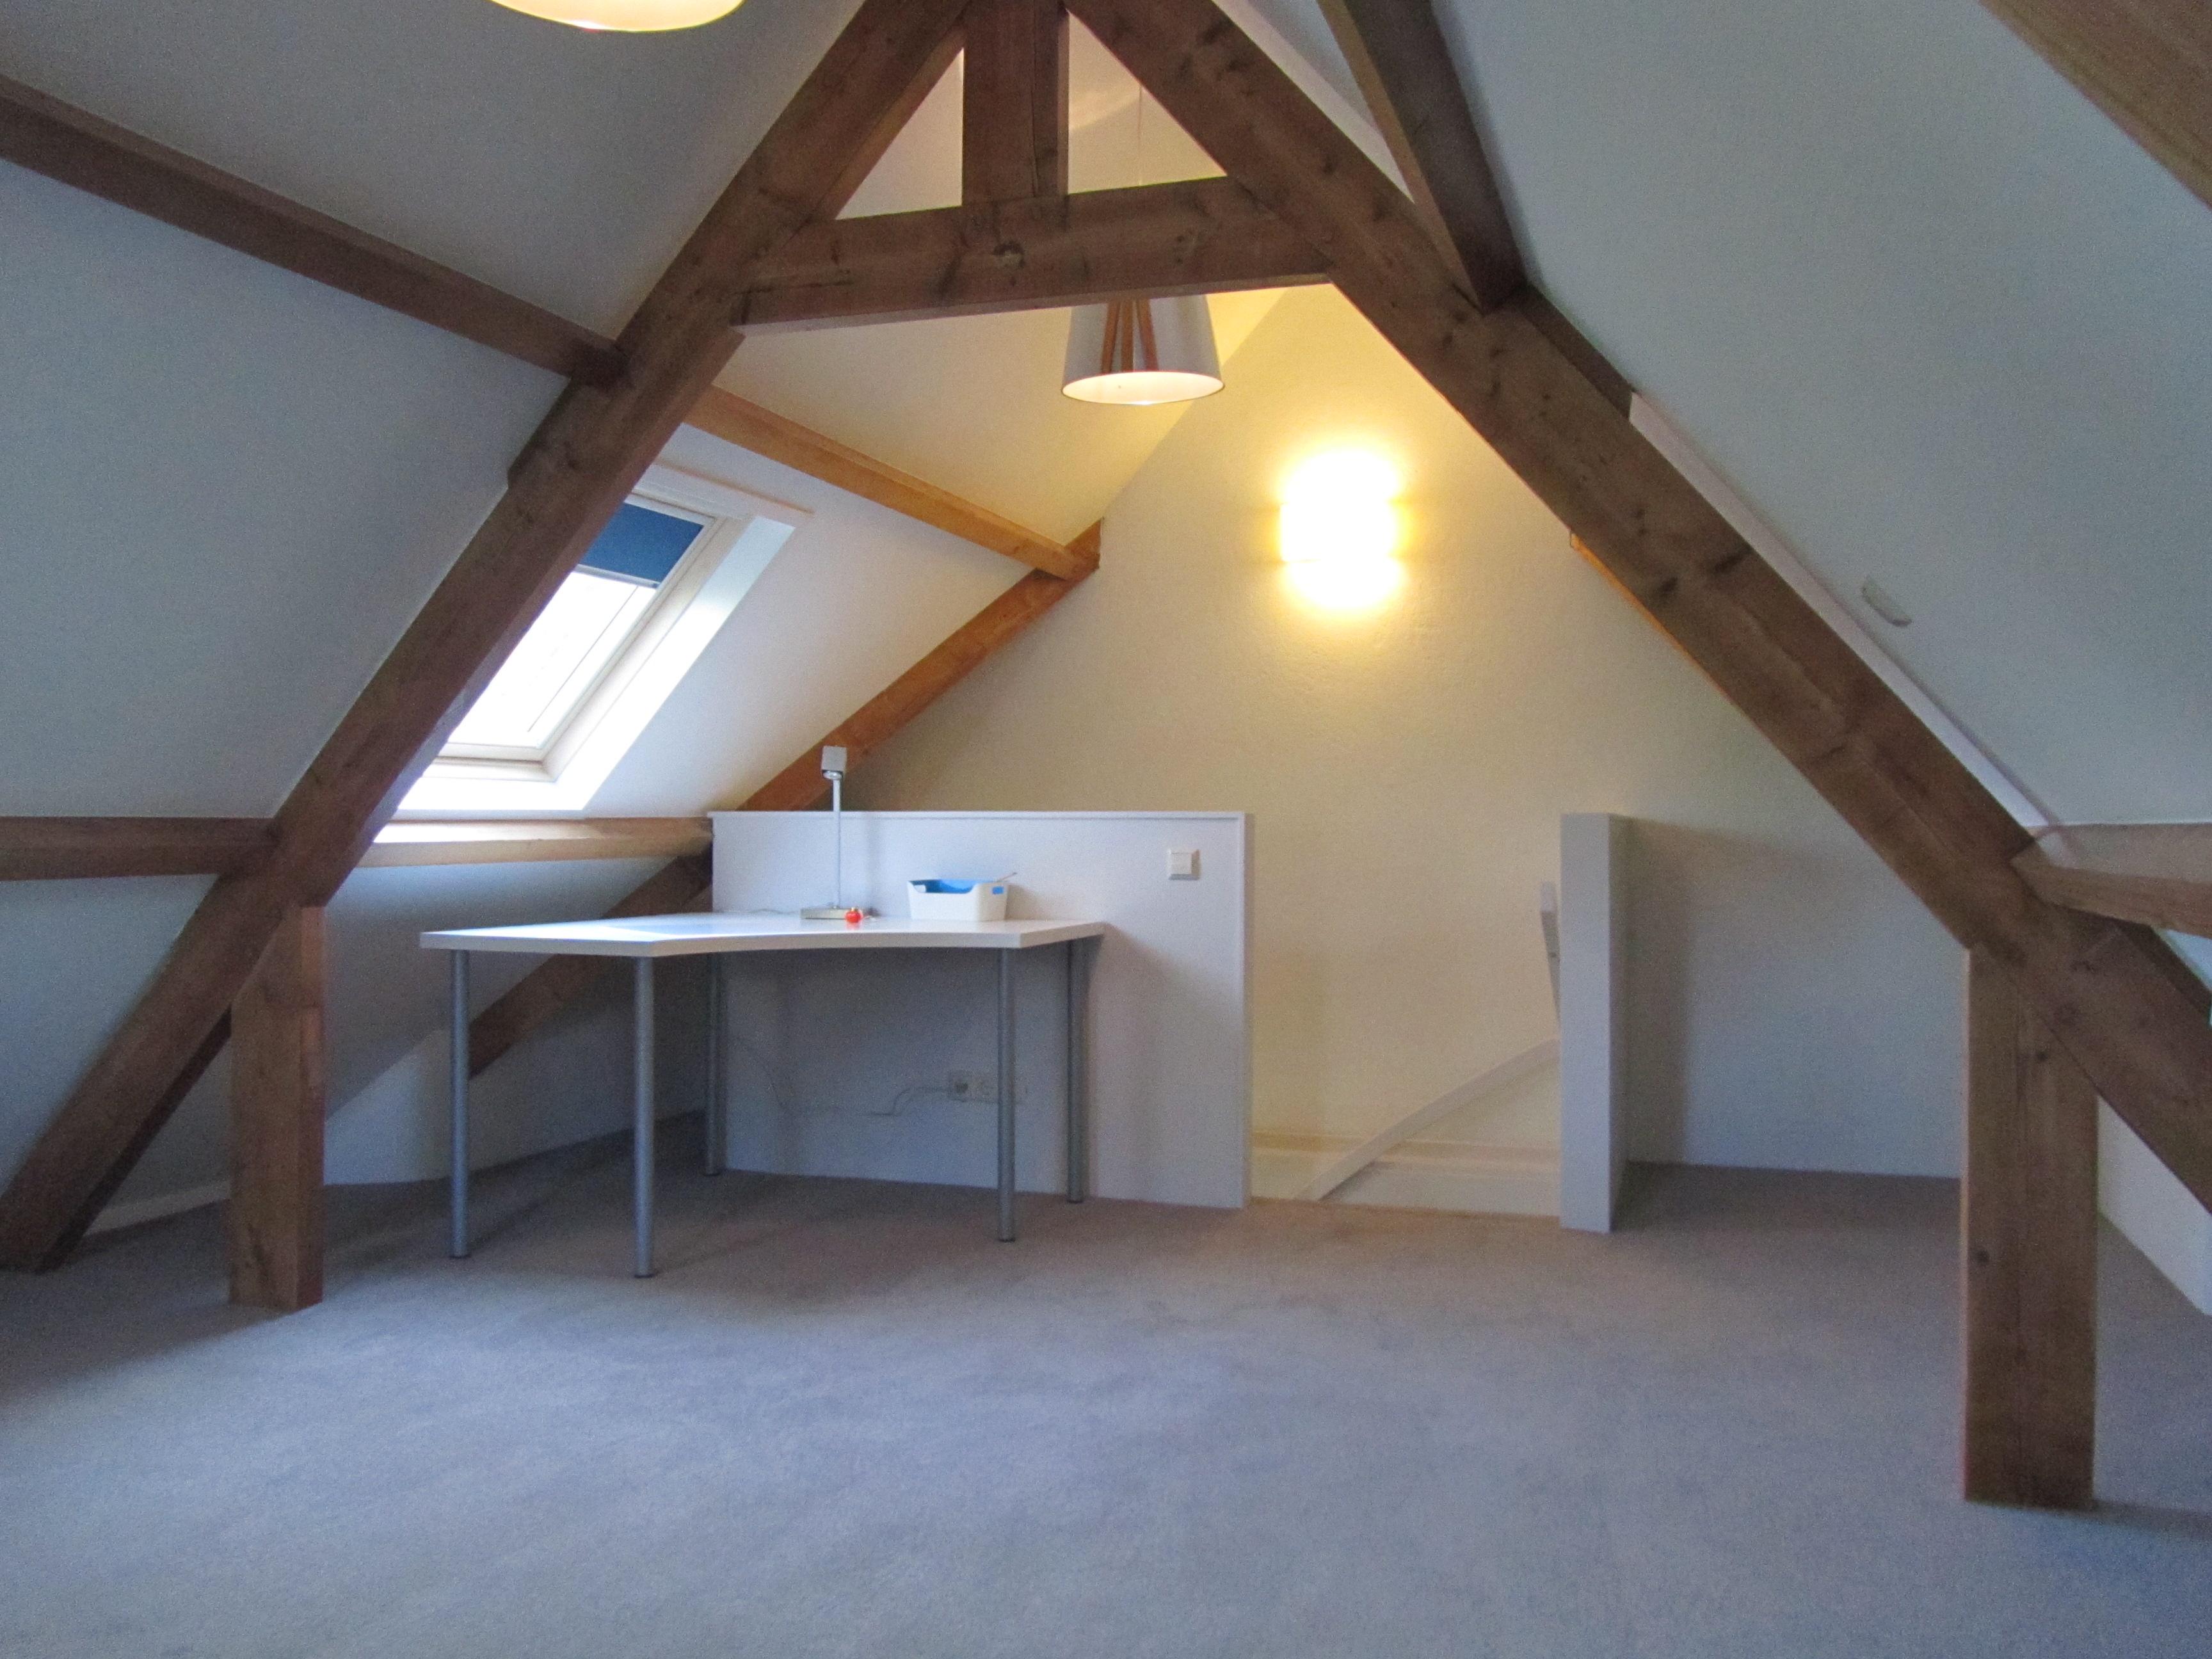 de radiator en de verlichting maken deze zolderruimte tot een leefruimte na het bepalen van de stopcontacten internet en tv aansluitingen kan de ruimte